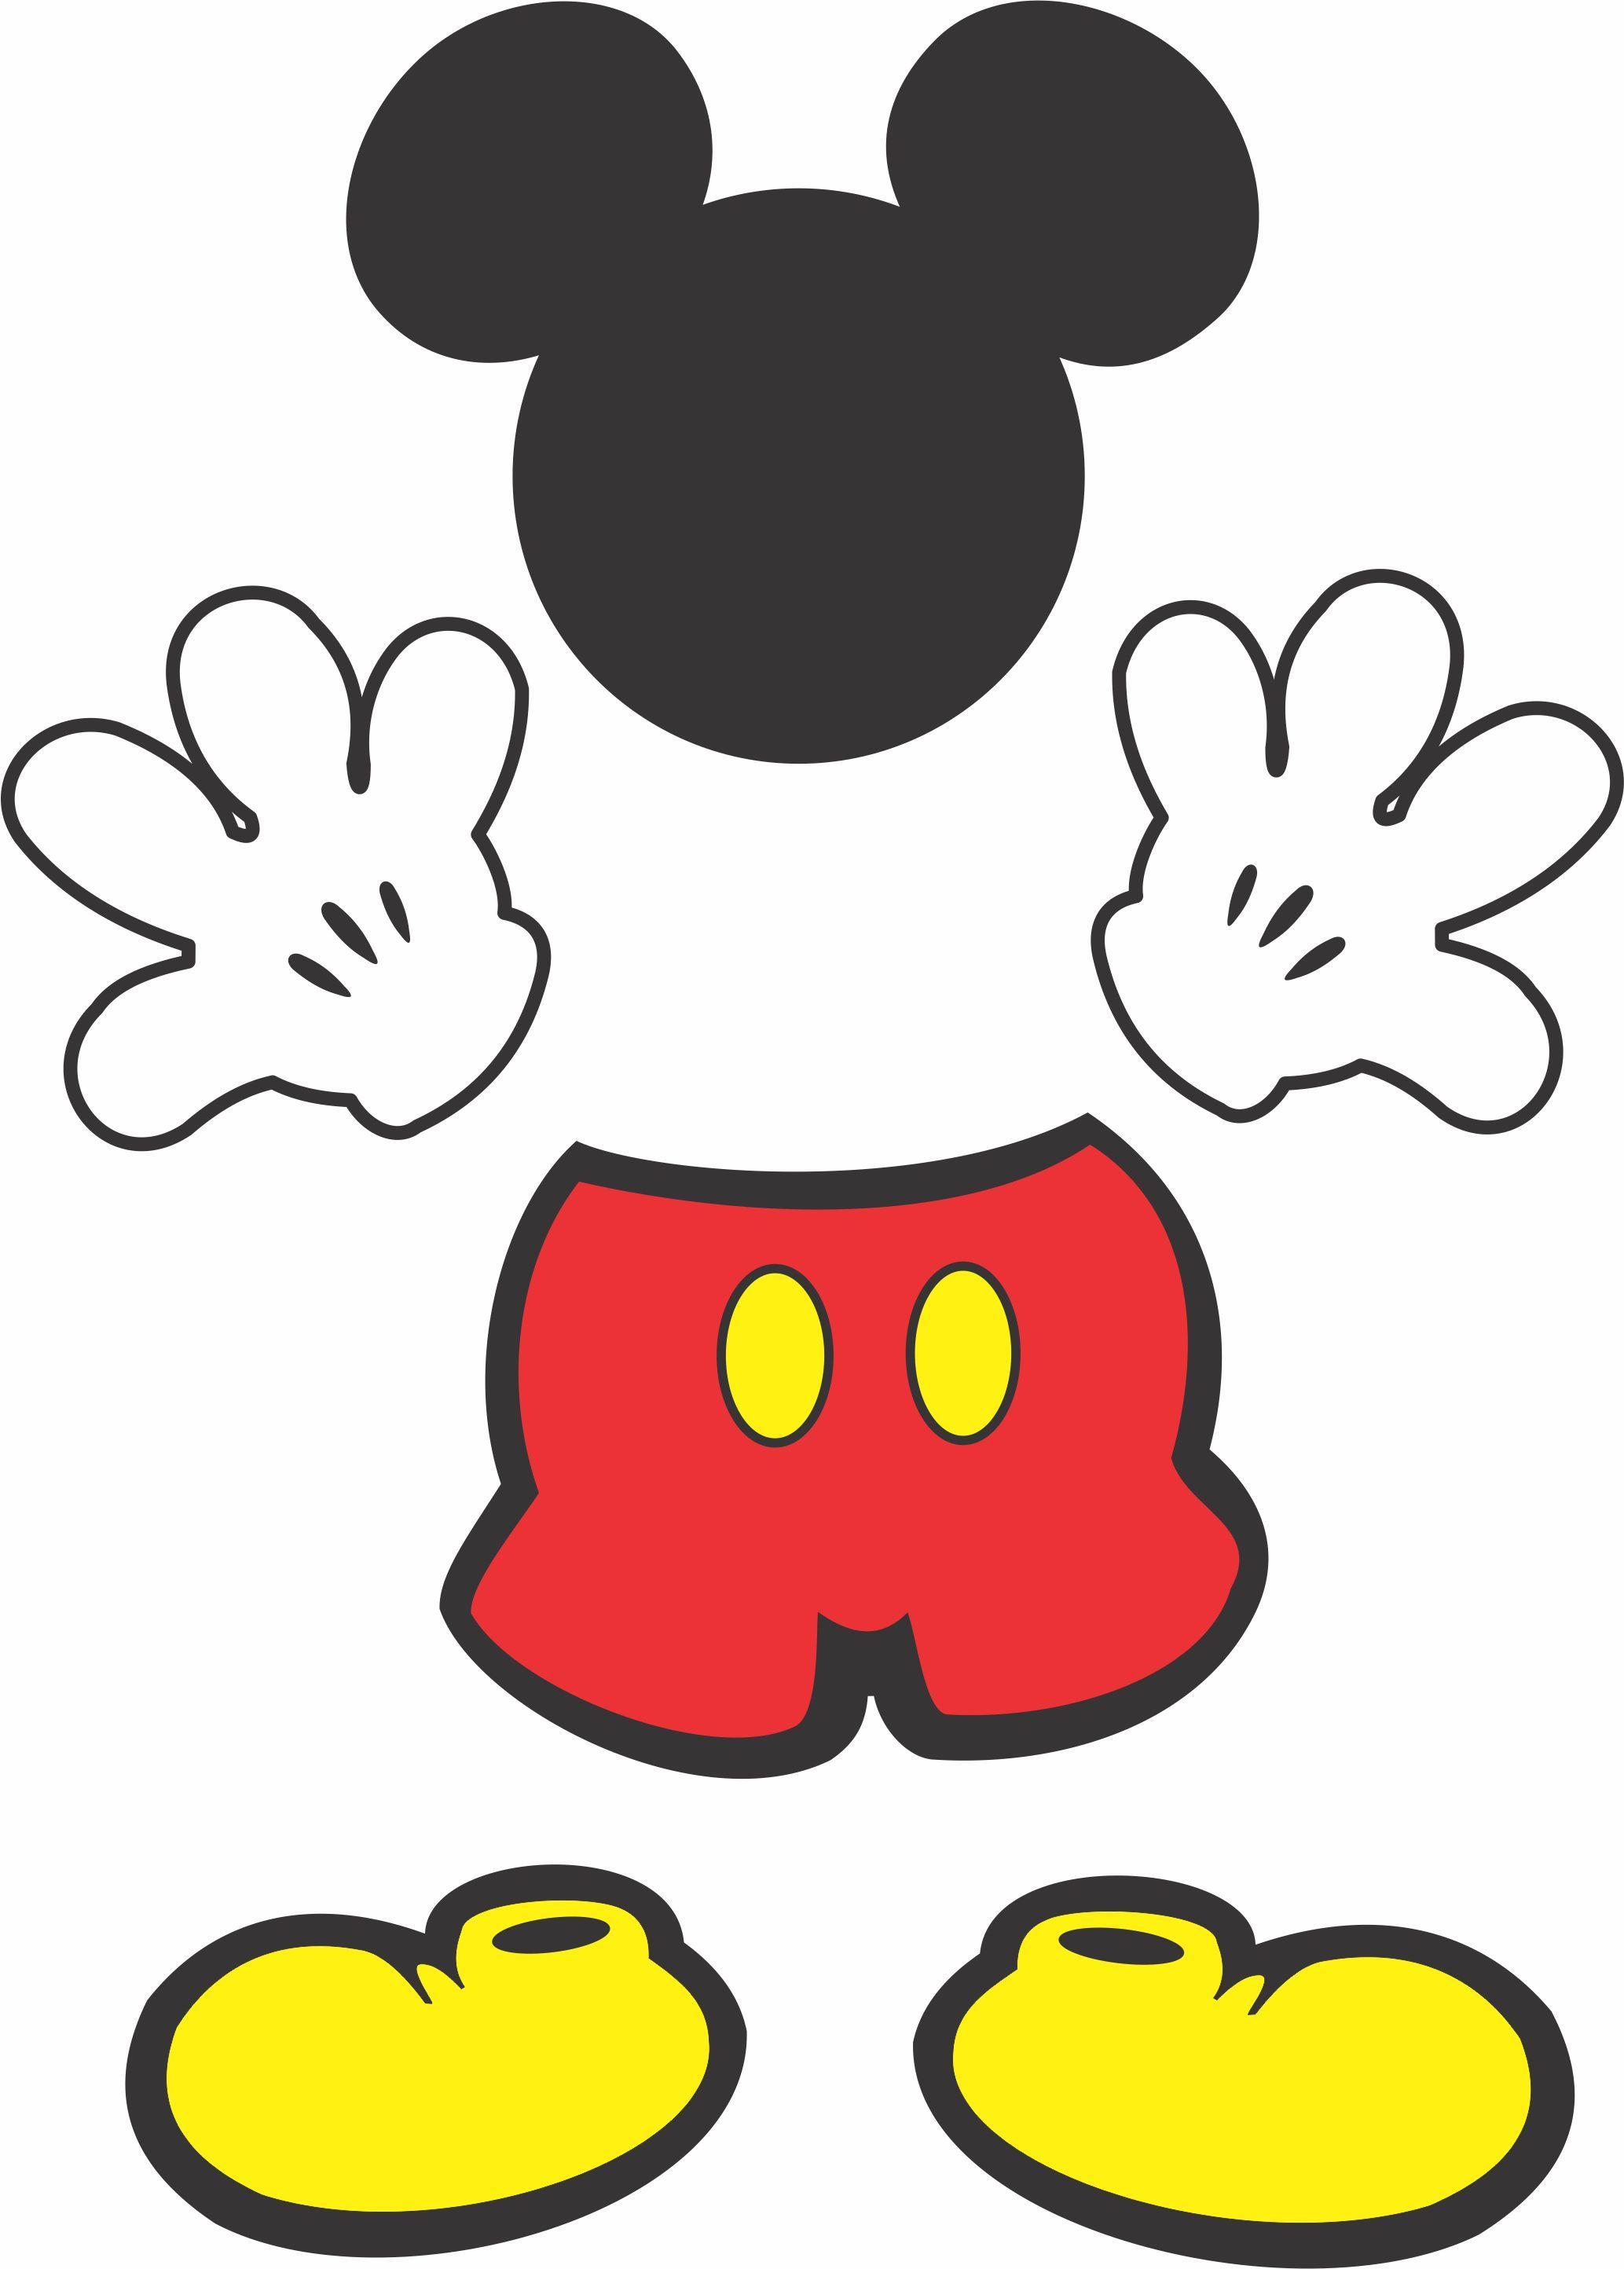 e9fd6d6c2 Partes Mickey para Tubetes. Partes Mickey para Tubetes Festa Mikey, Artigos  Para Festa, Decoração Festa Infantil, Aniversário